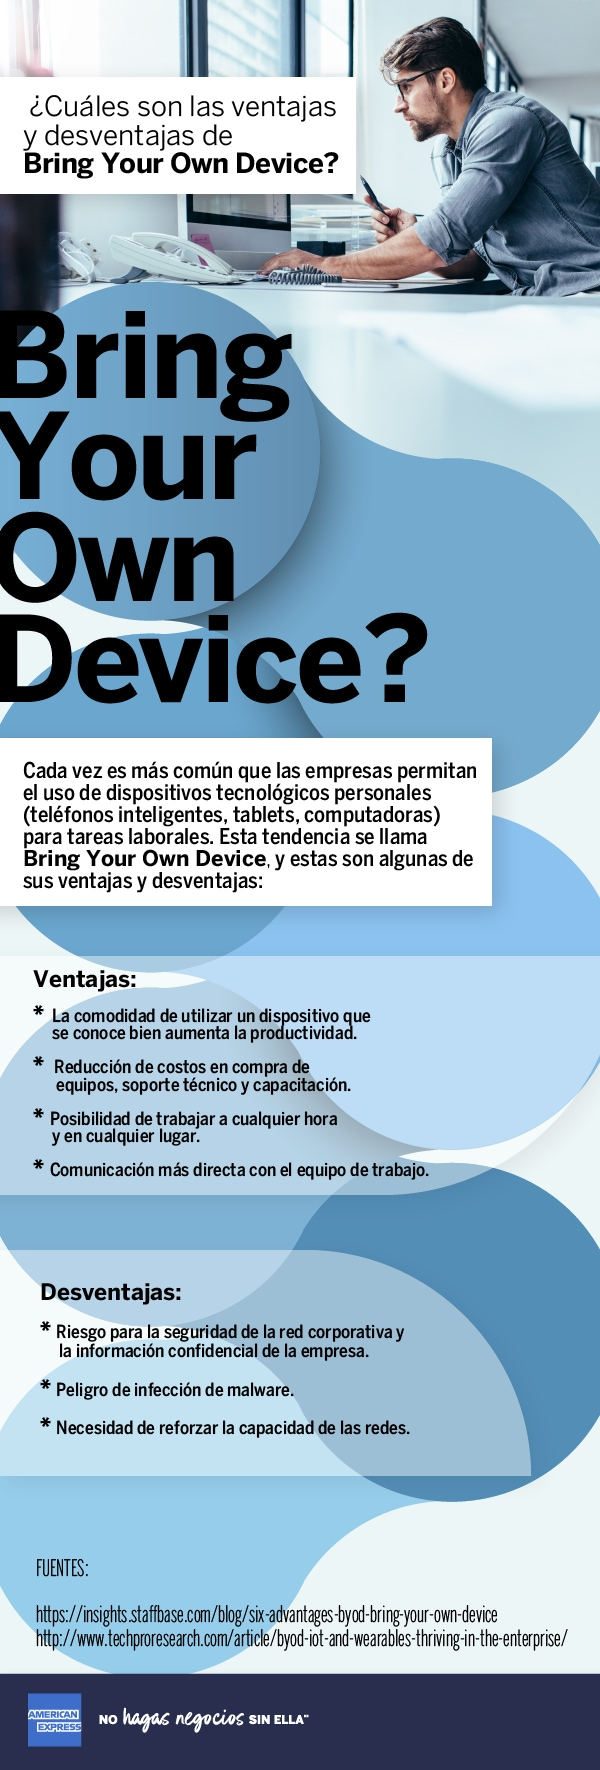 ¿Cuáles son las ventajas y desventajas de Bring Your Own Device?